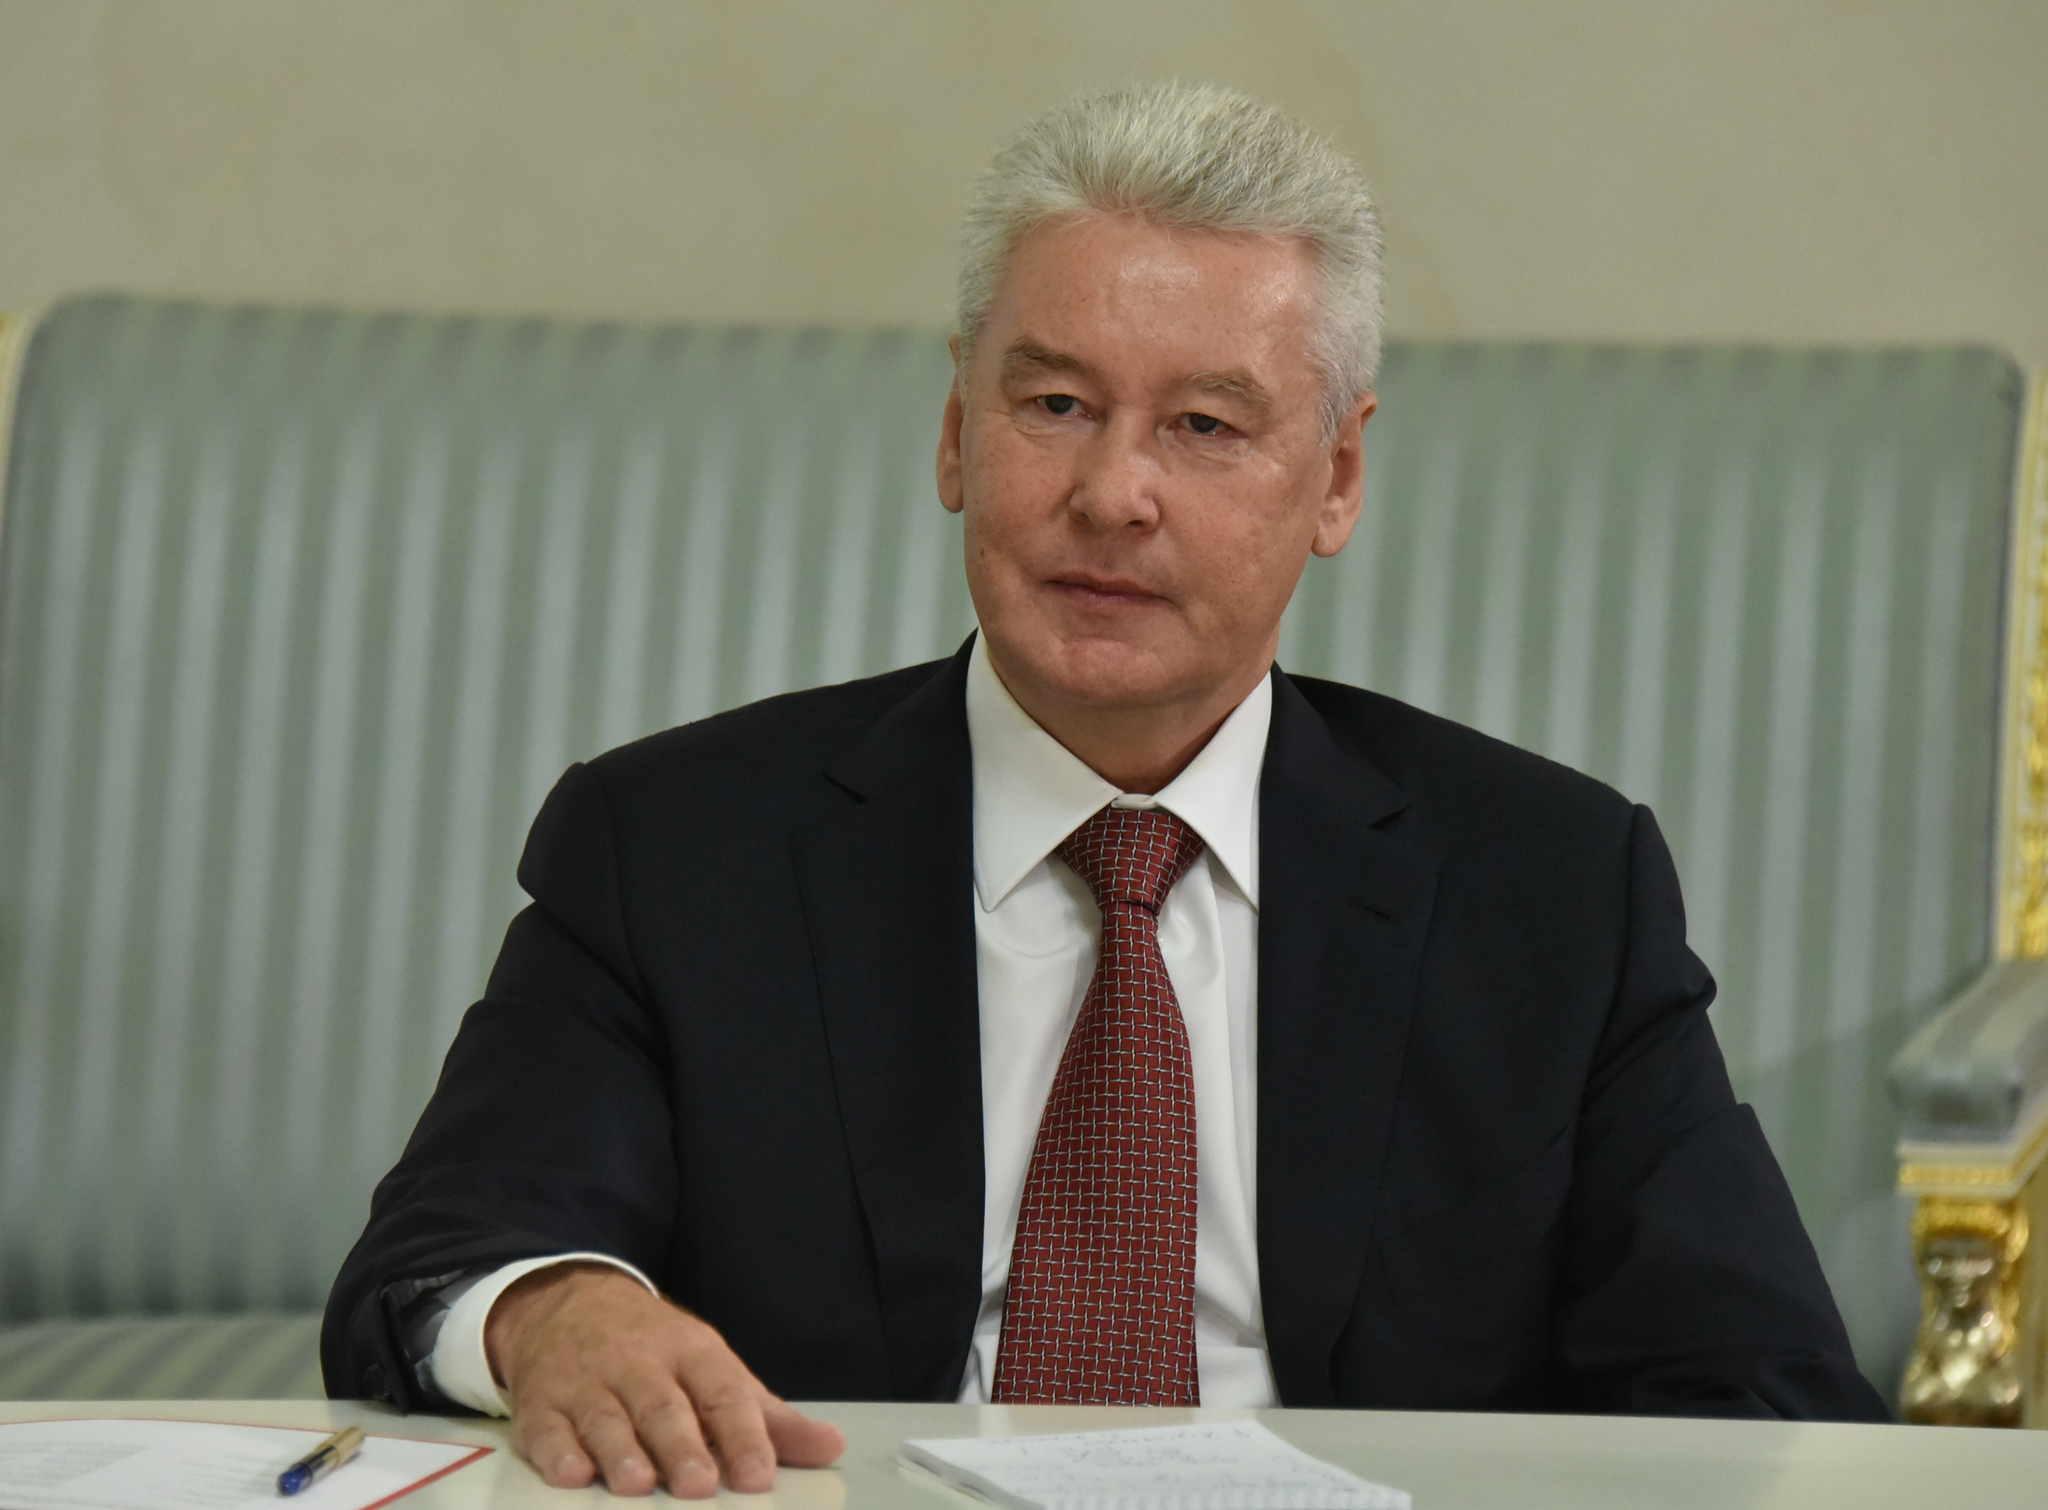 Мэр Москвы Сергей Собянин отметил высокий профессионализм педагогов московских школ